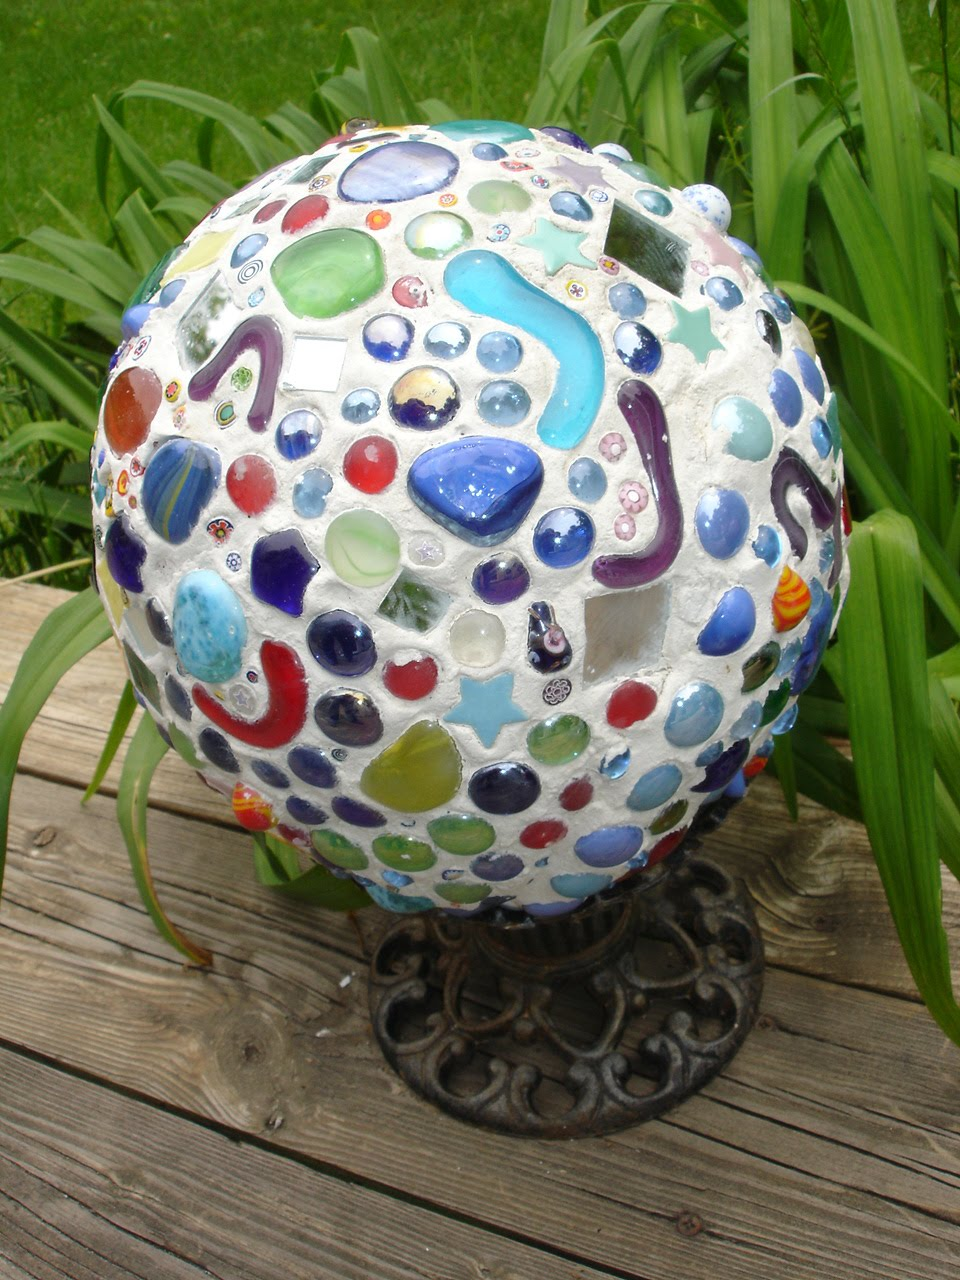 Creative Passage Mosaic Gazing Ball